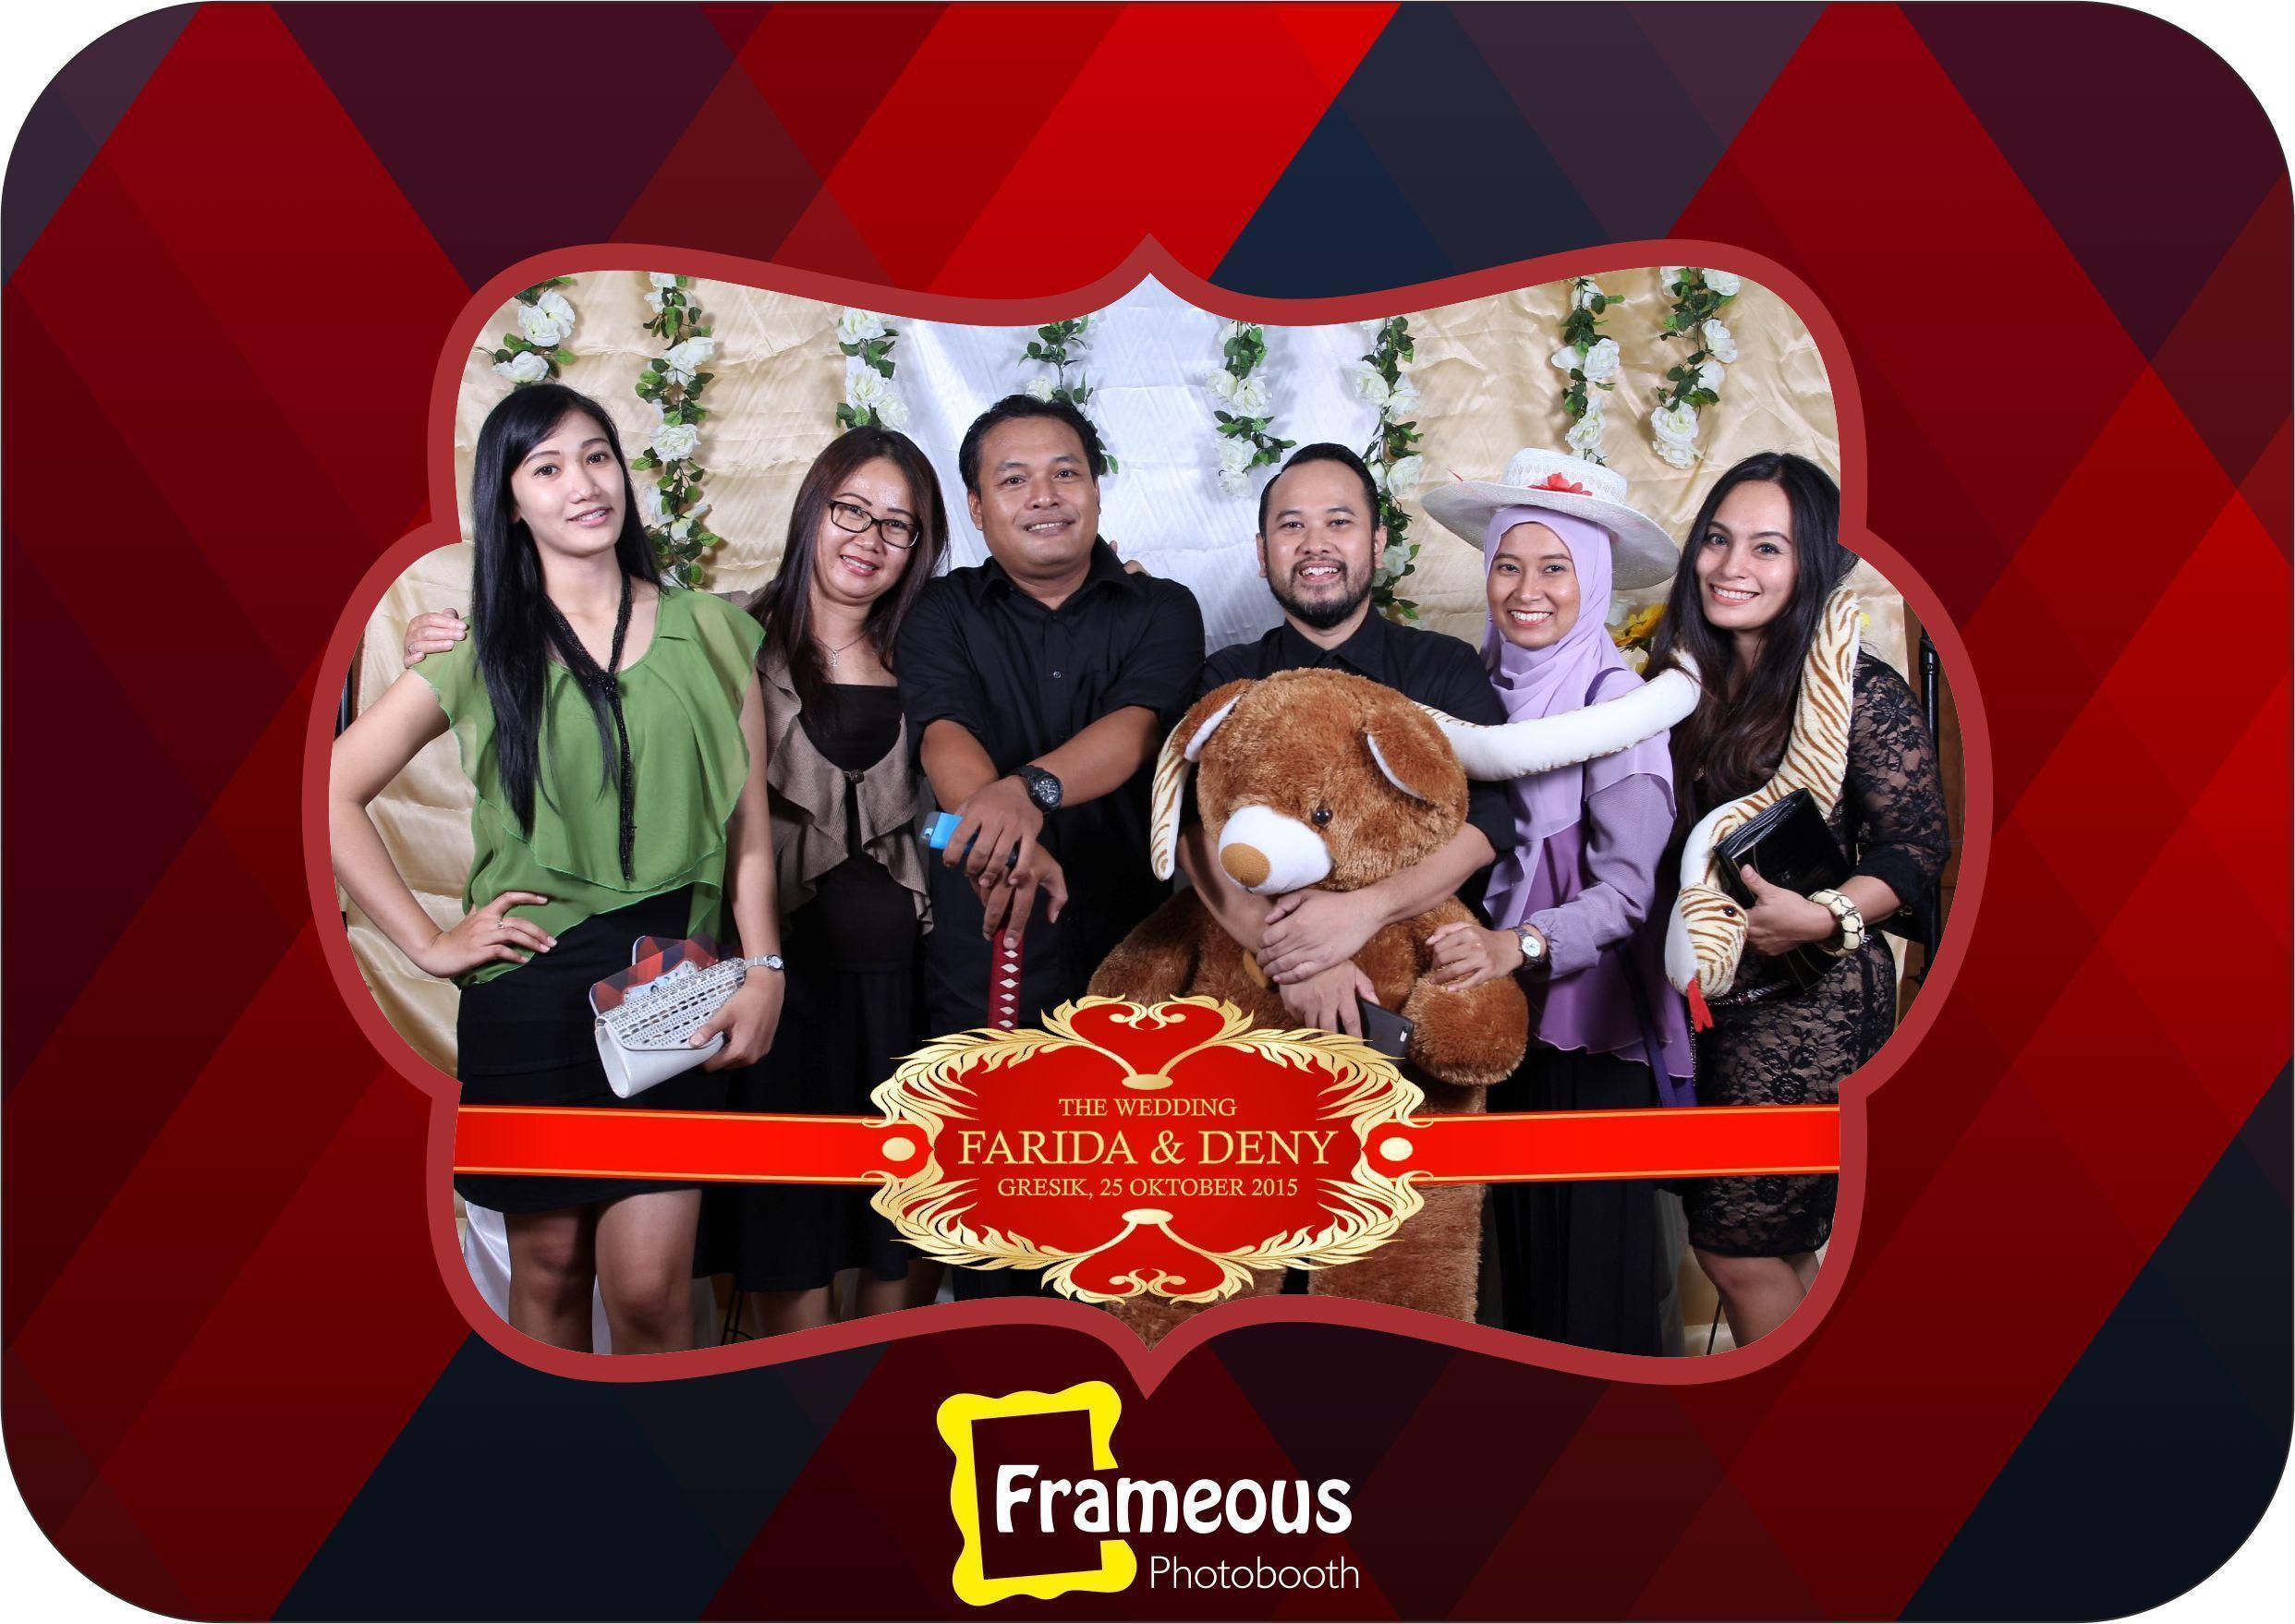 Frameous Photobooth